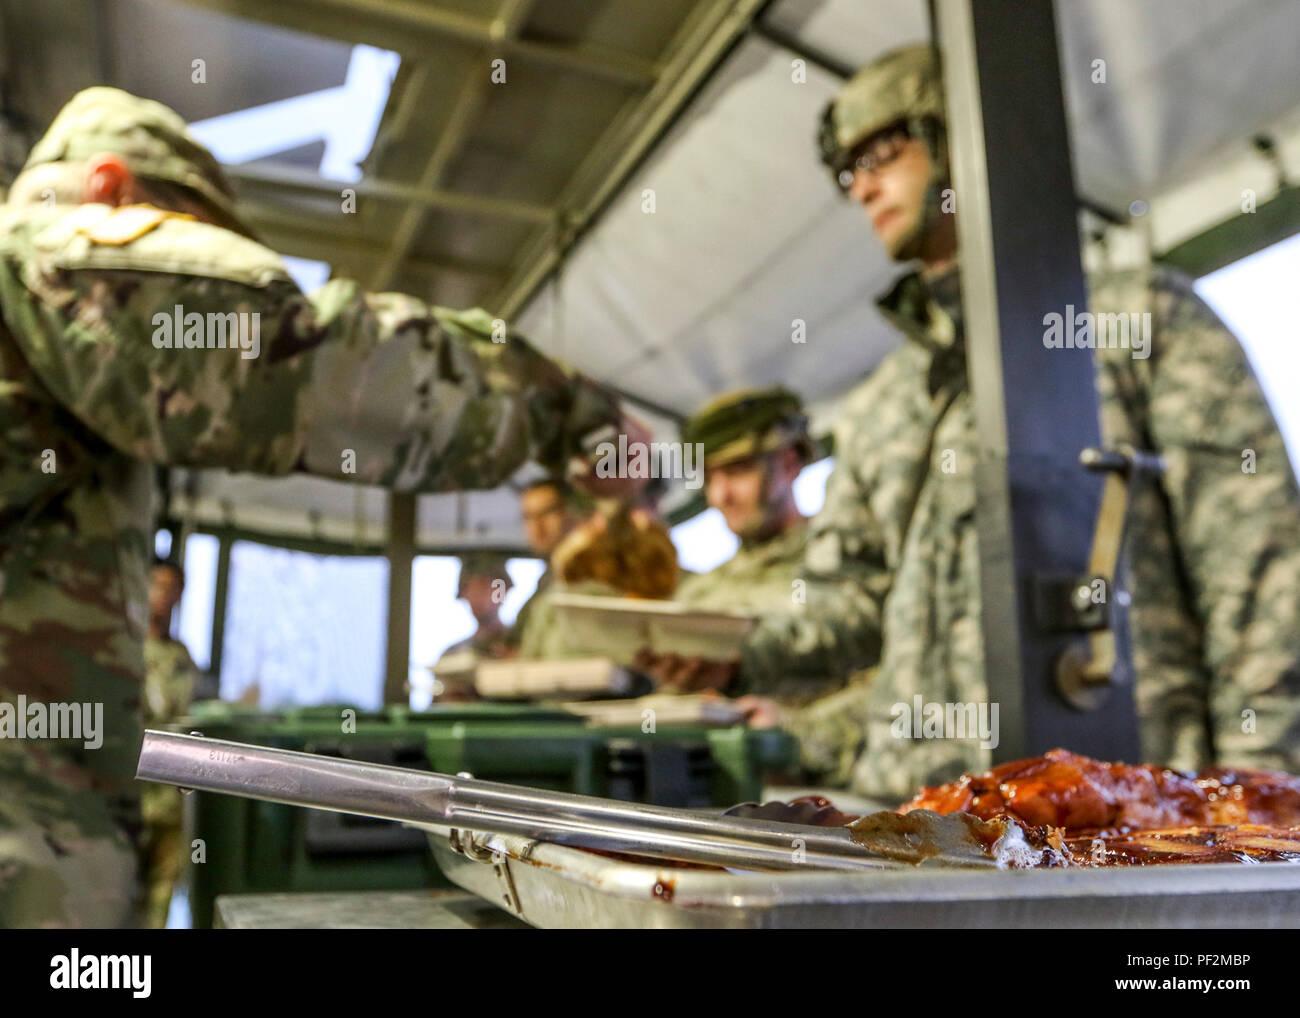 Les soldats se déplacent à travers la gamme de nourriture du petit déjeuner dans une cuisine recevez le trailer mis en place dans le domaine, Camp Ripley, Minn., 15 août 2018. Les cuisines sont en mesure de faire cuire la nourriture et le service des repas en cours de l'installation dans une seule journée. (U.S. Réserve de l'armée photo prise par le s.. Adam Decker) Photo Stock